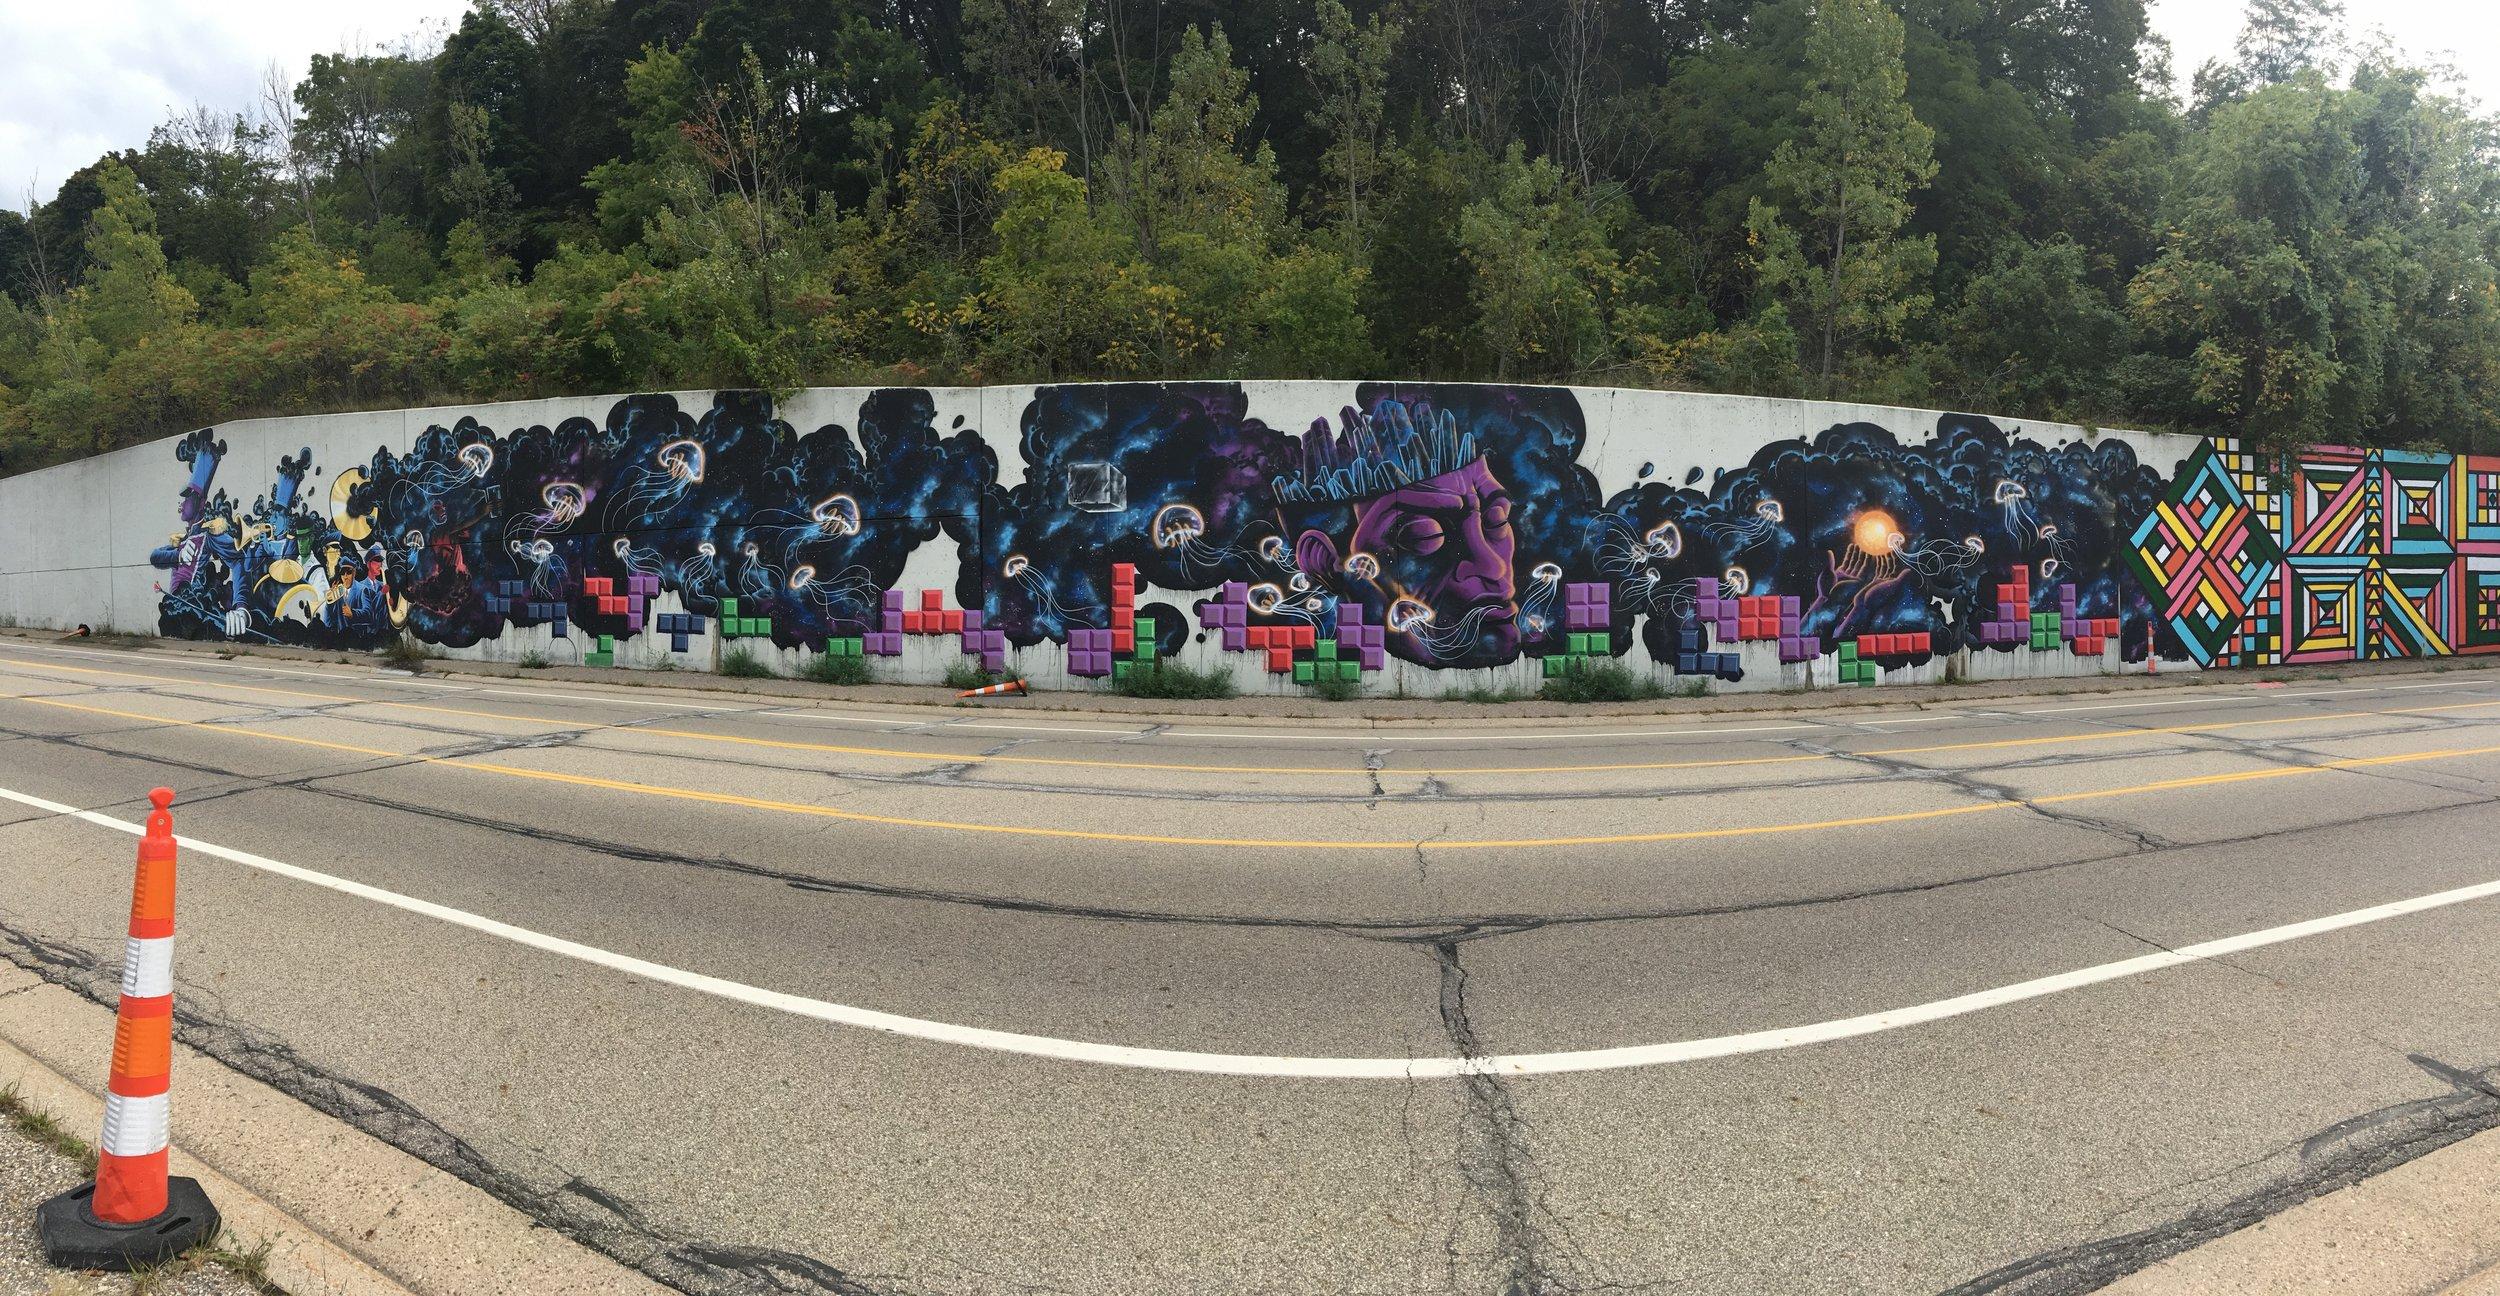 Eberheart retaining wall mural on I-196 (full view)